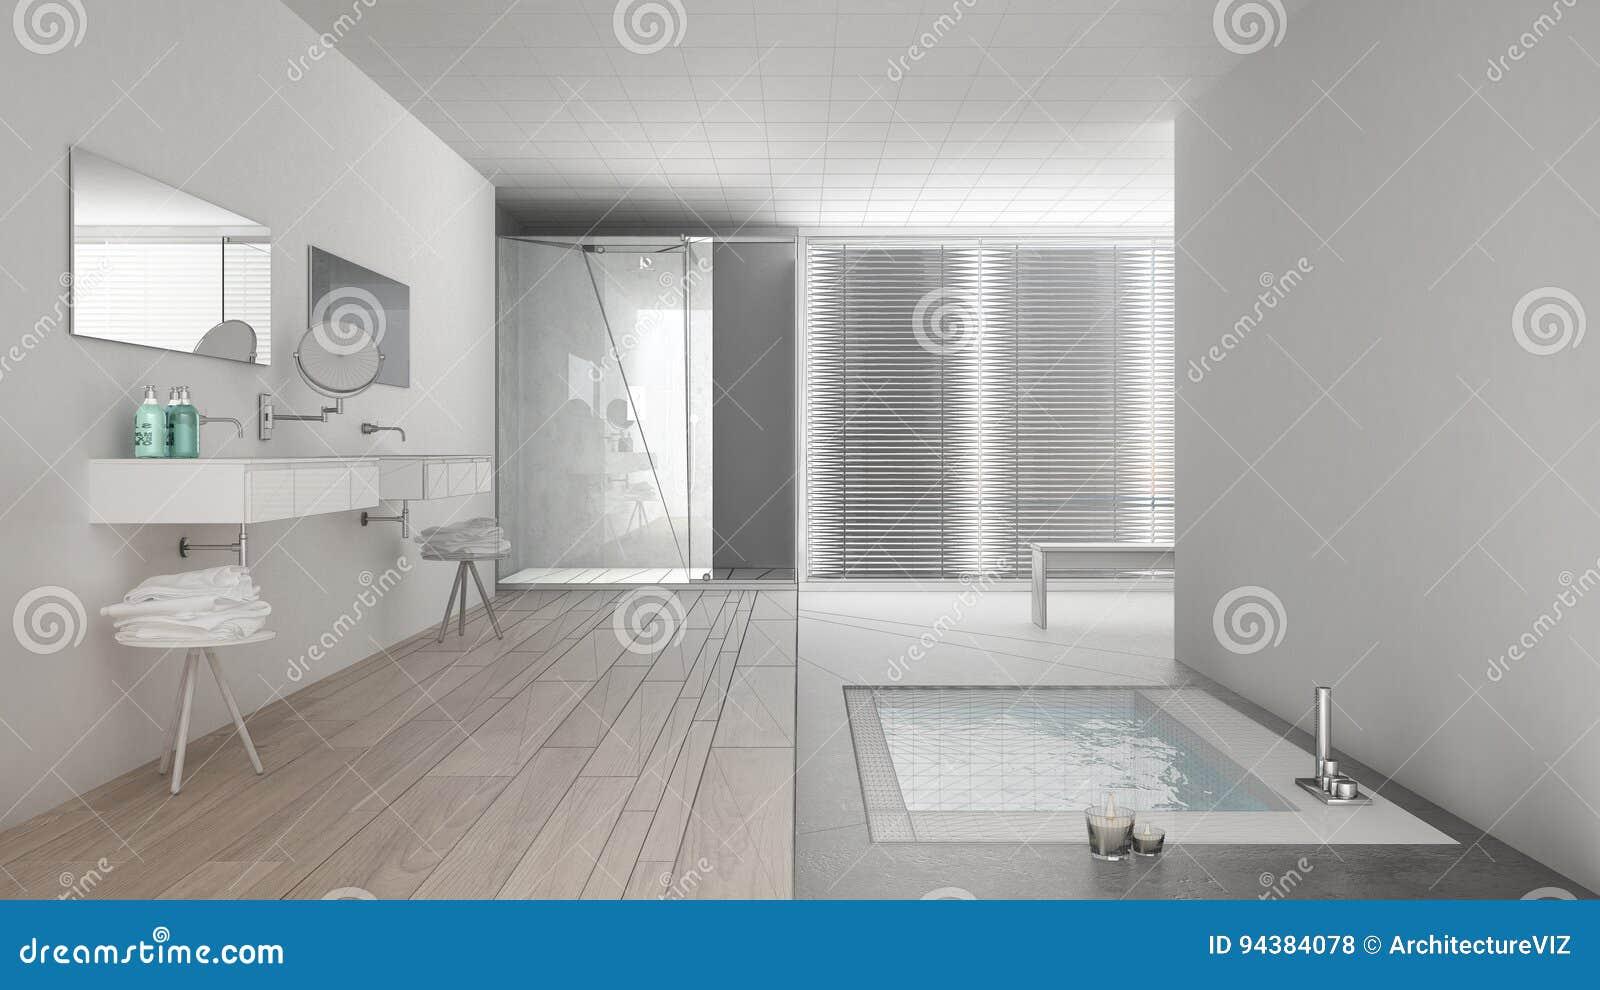 unfertiges projekt des unbedeutenden weißen und grauen badezimmers, Badezimmer ideen